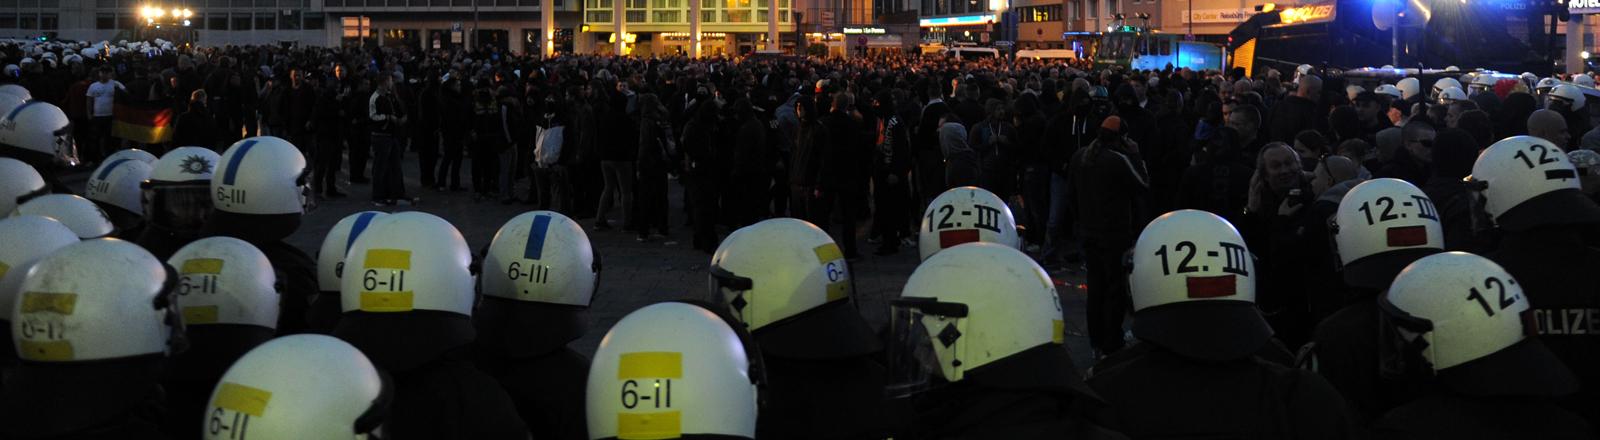 """Die Polizei hat am 26.10.2014 in Köln (Nordrhein-Westfalen) während einer Demonstration von Hooligans bei der Aktion """"Gemeinsam gegen Salafismus"""" die Teilnehmer umringt."""